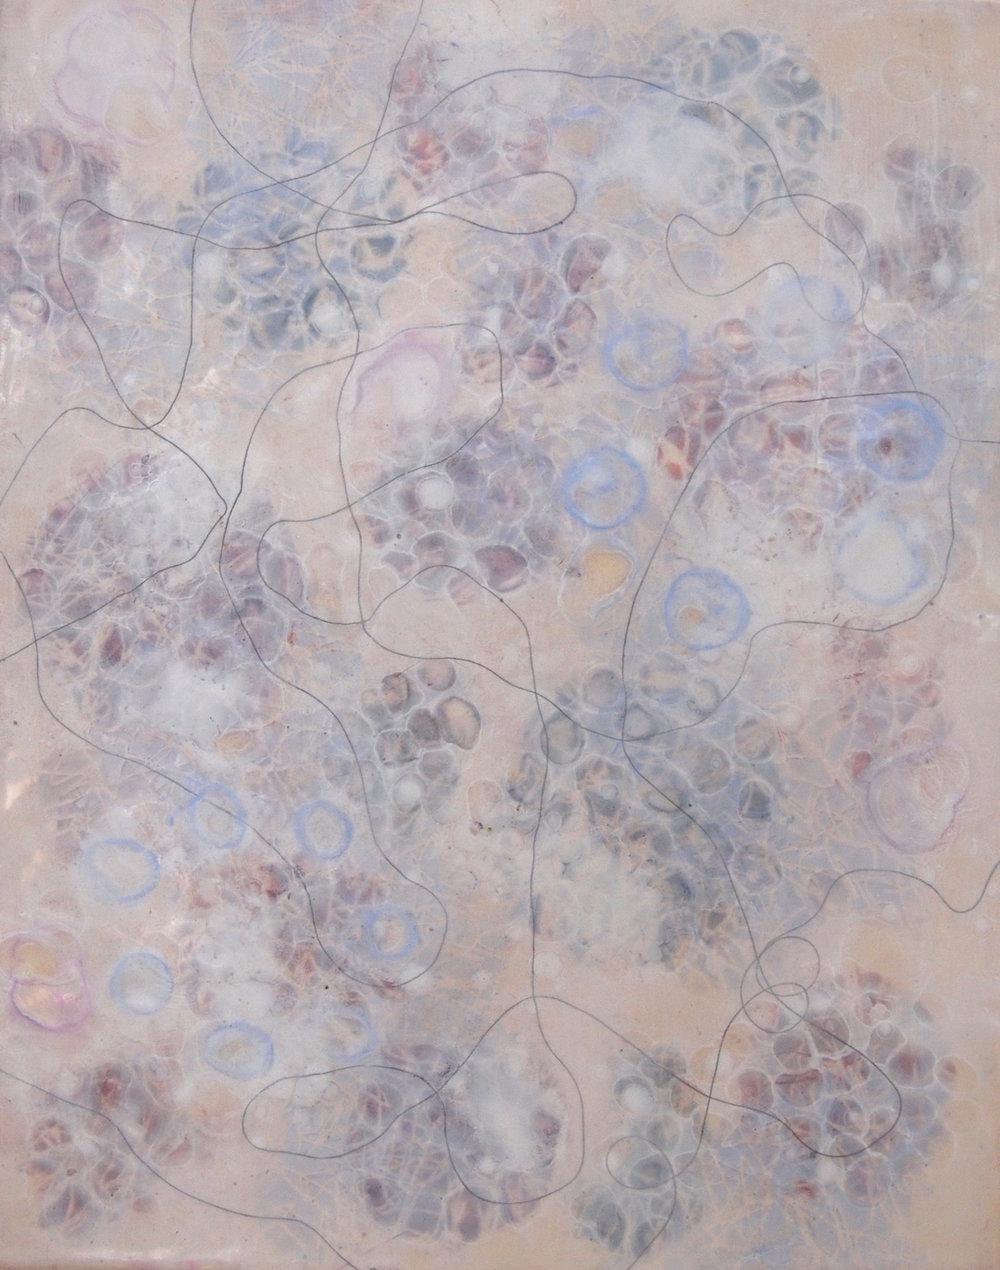 K. Hartung,  Bio Shadows 4 , encaustic and mixed media, 20x16, $1,200